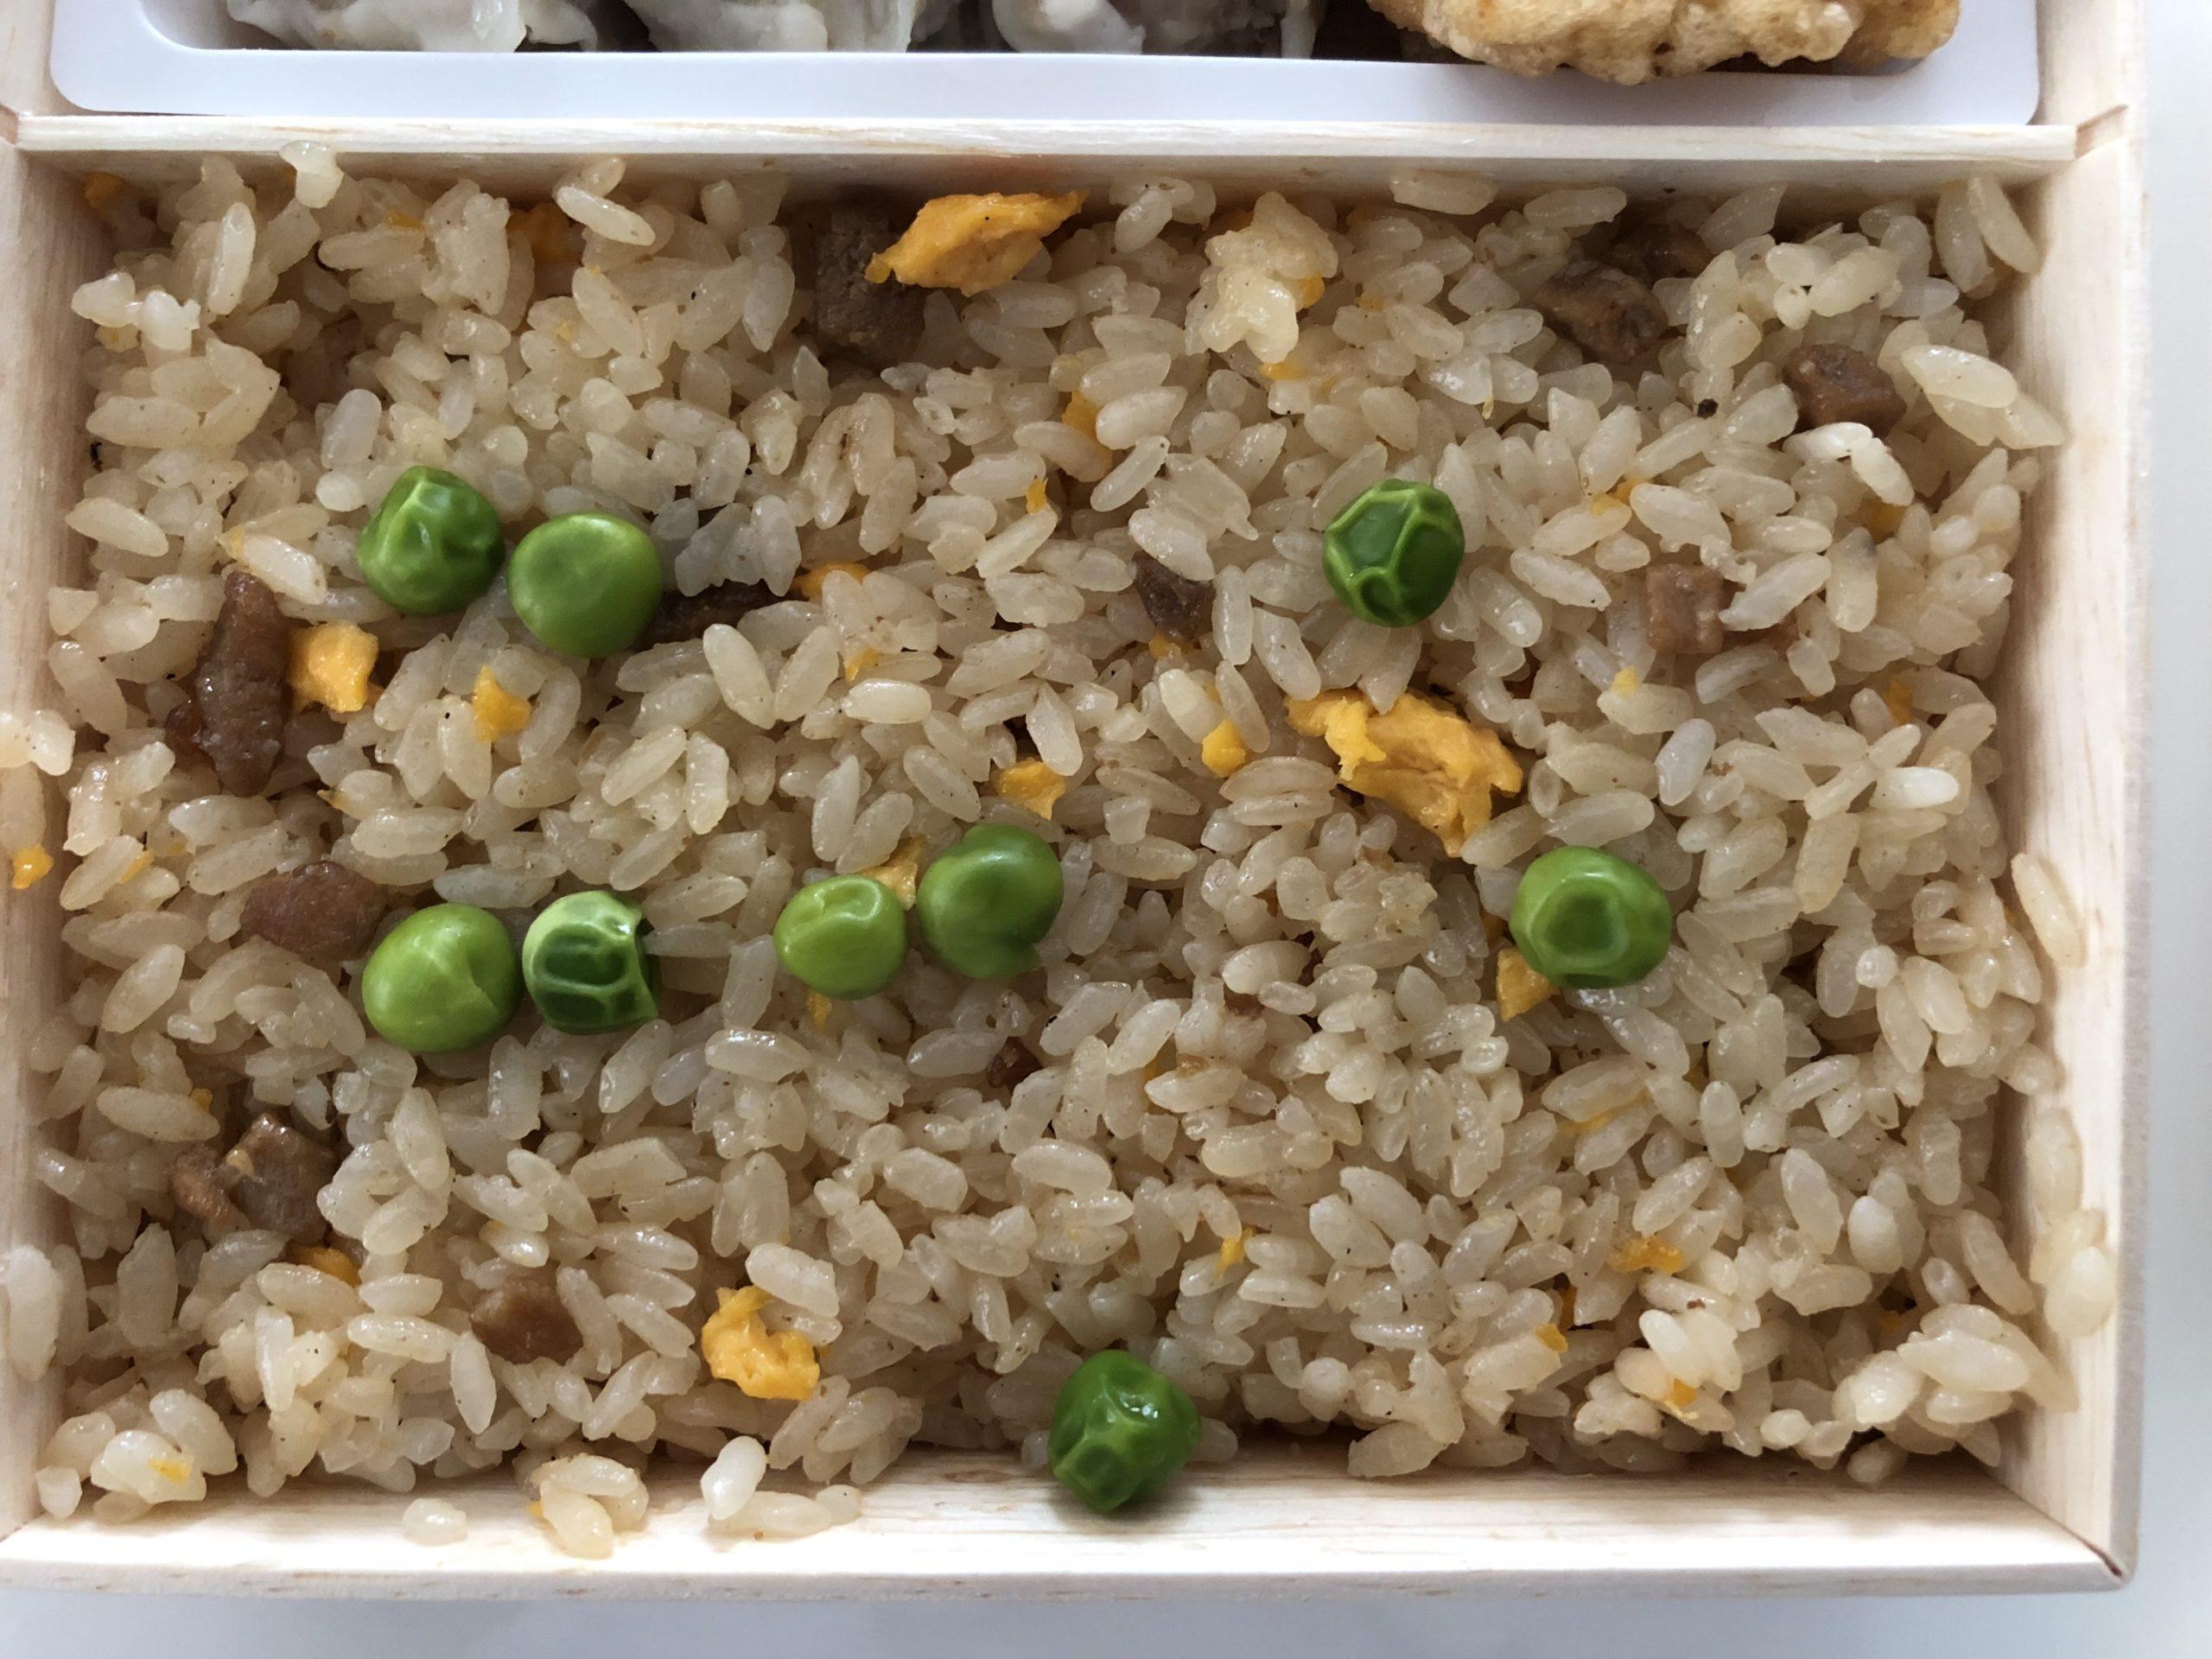 崎陽軒の「炒飯弁当」の炒飯